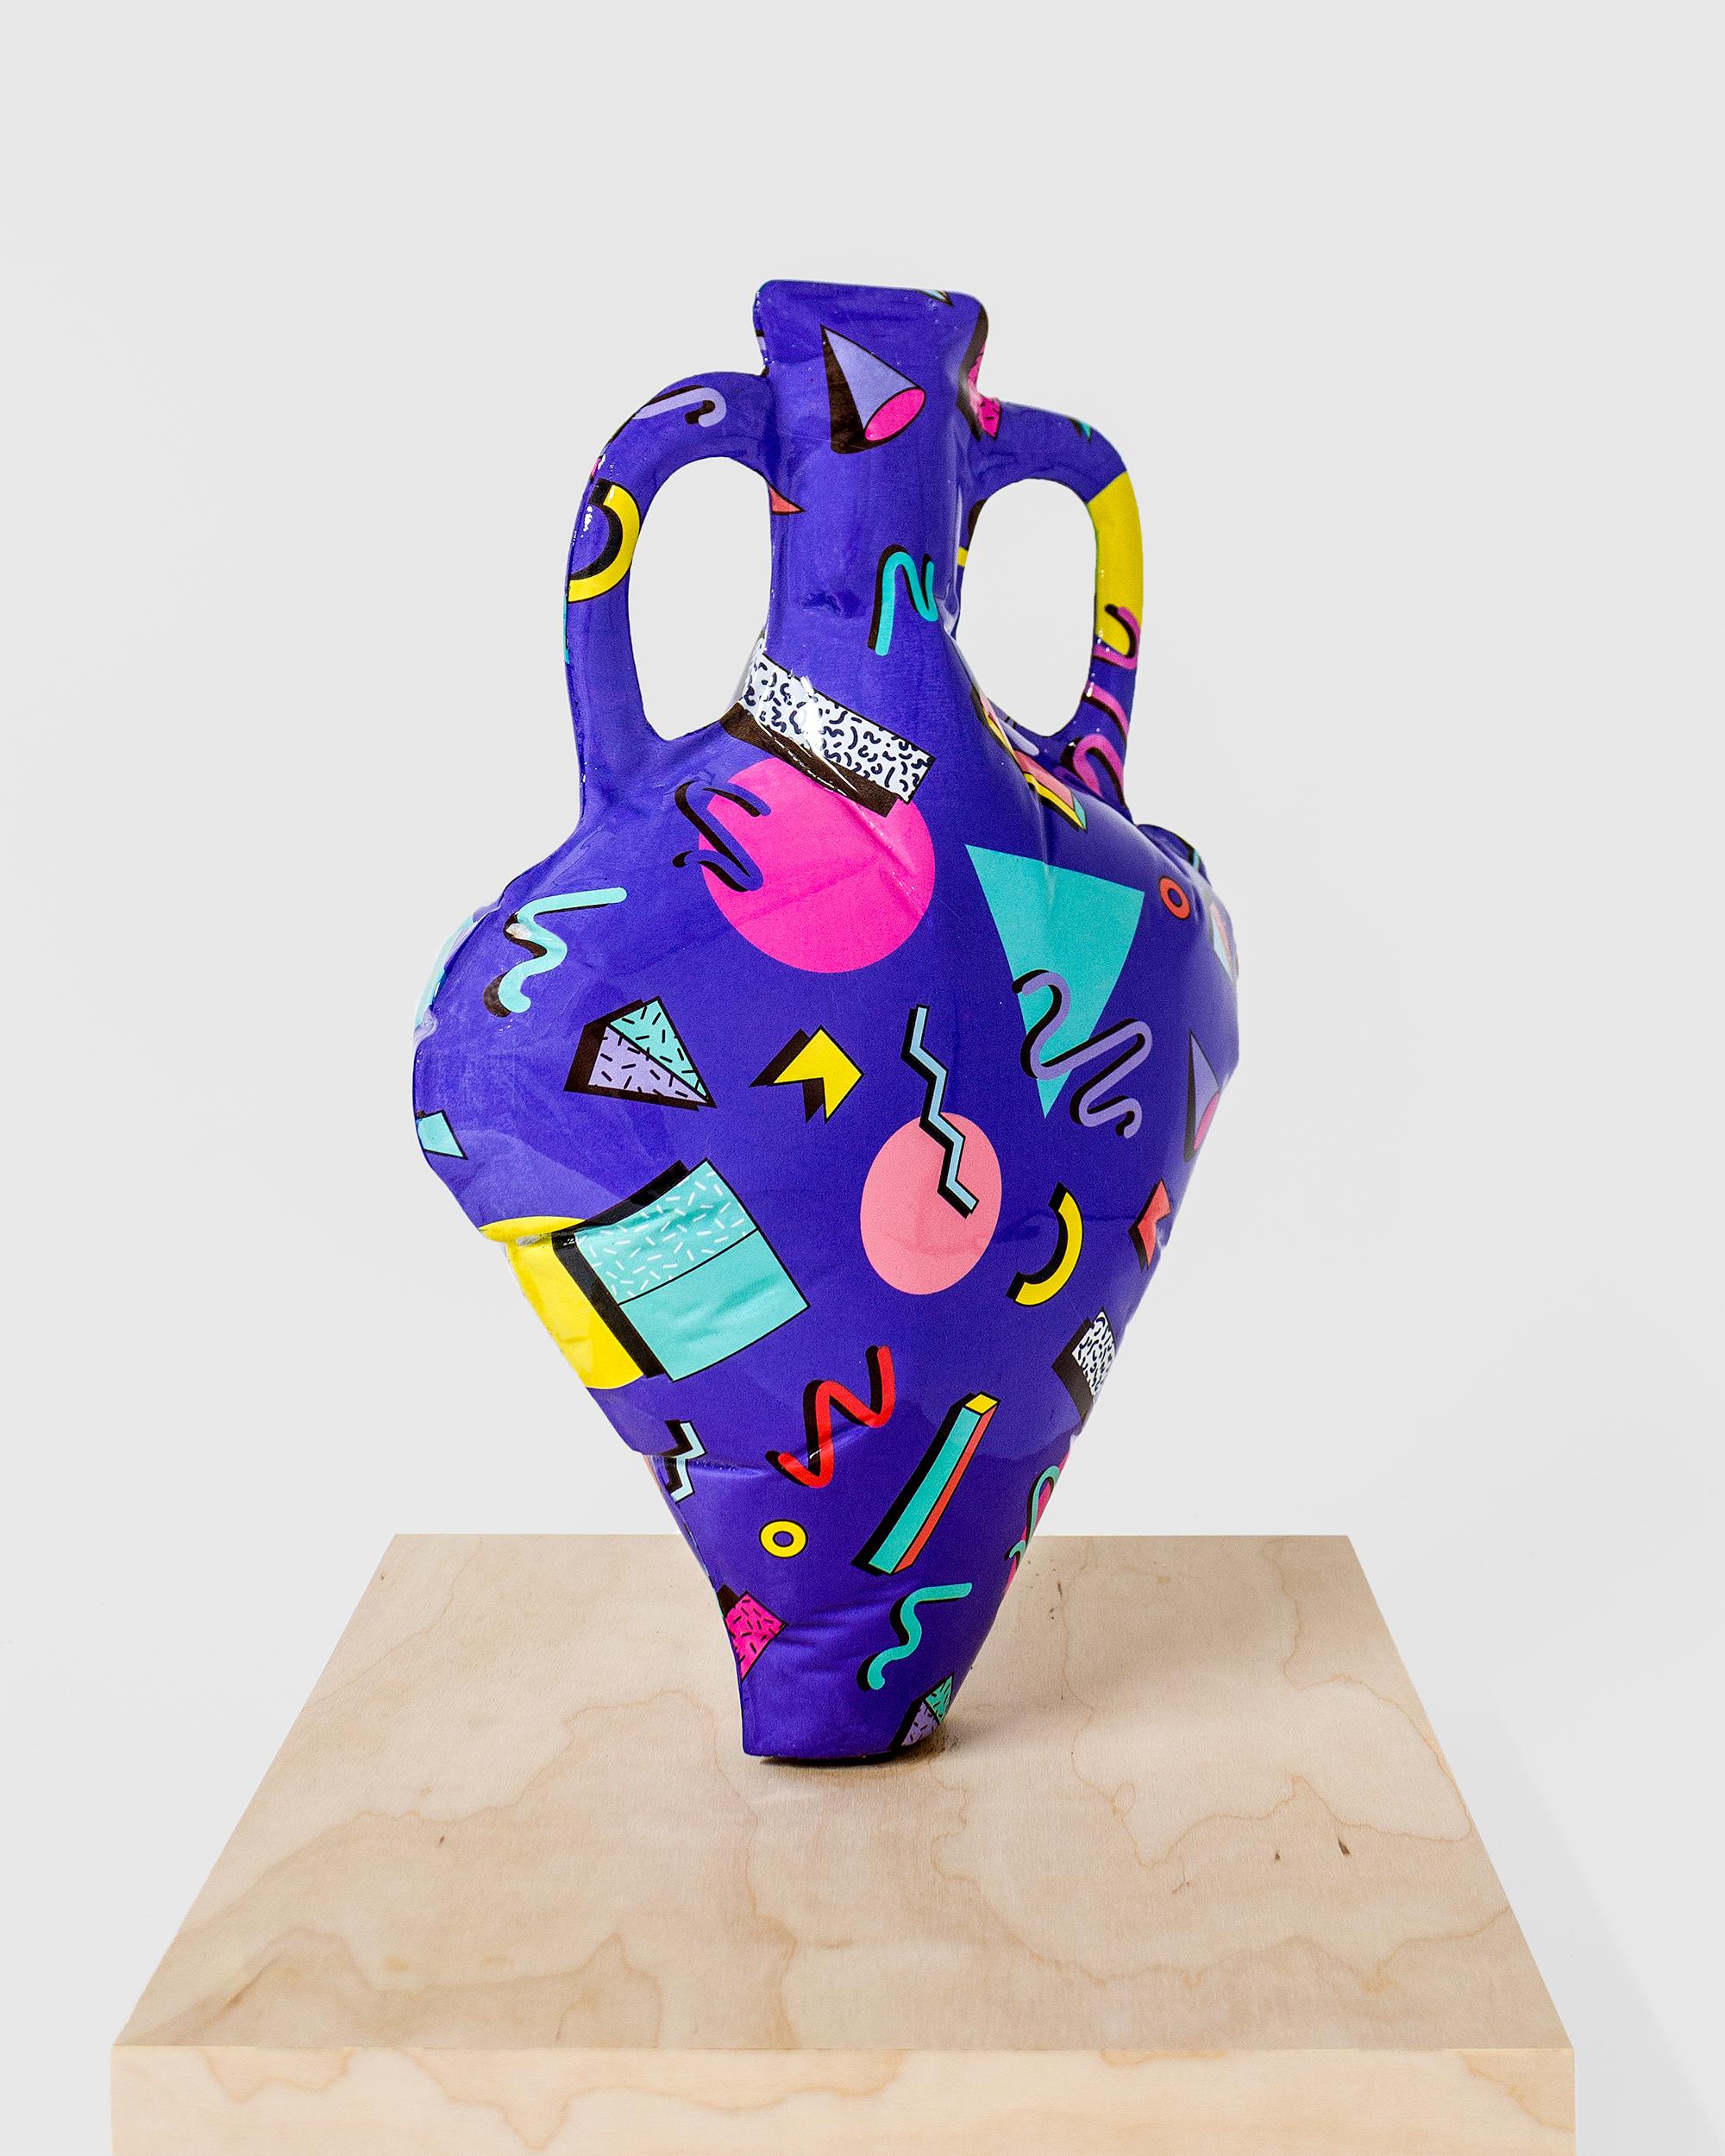 AdamParkerSmith_Sculpture3_Side2.jpg